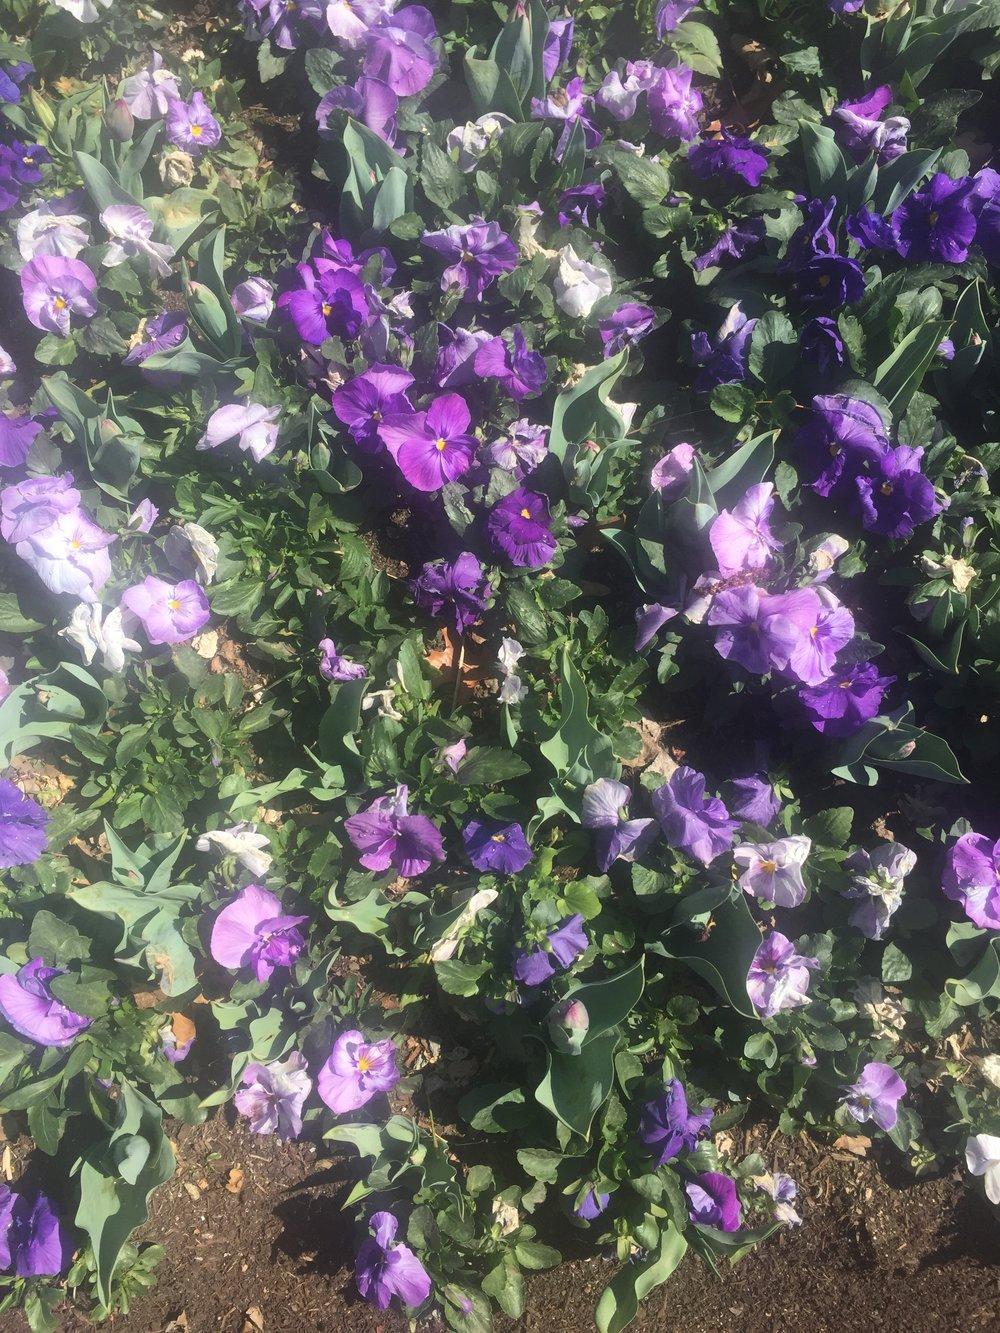 Spring flowers @ Floriade